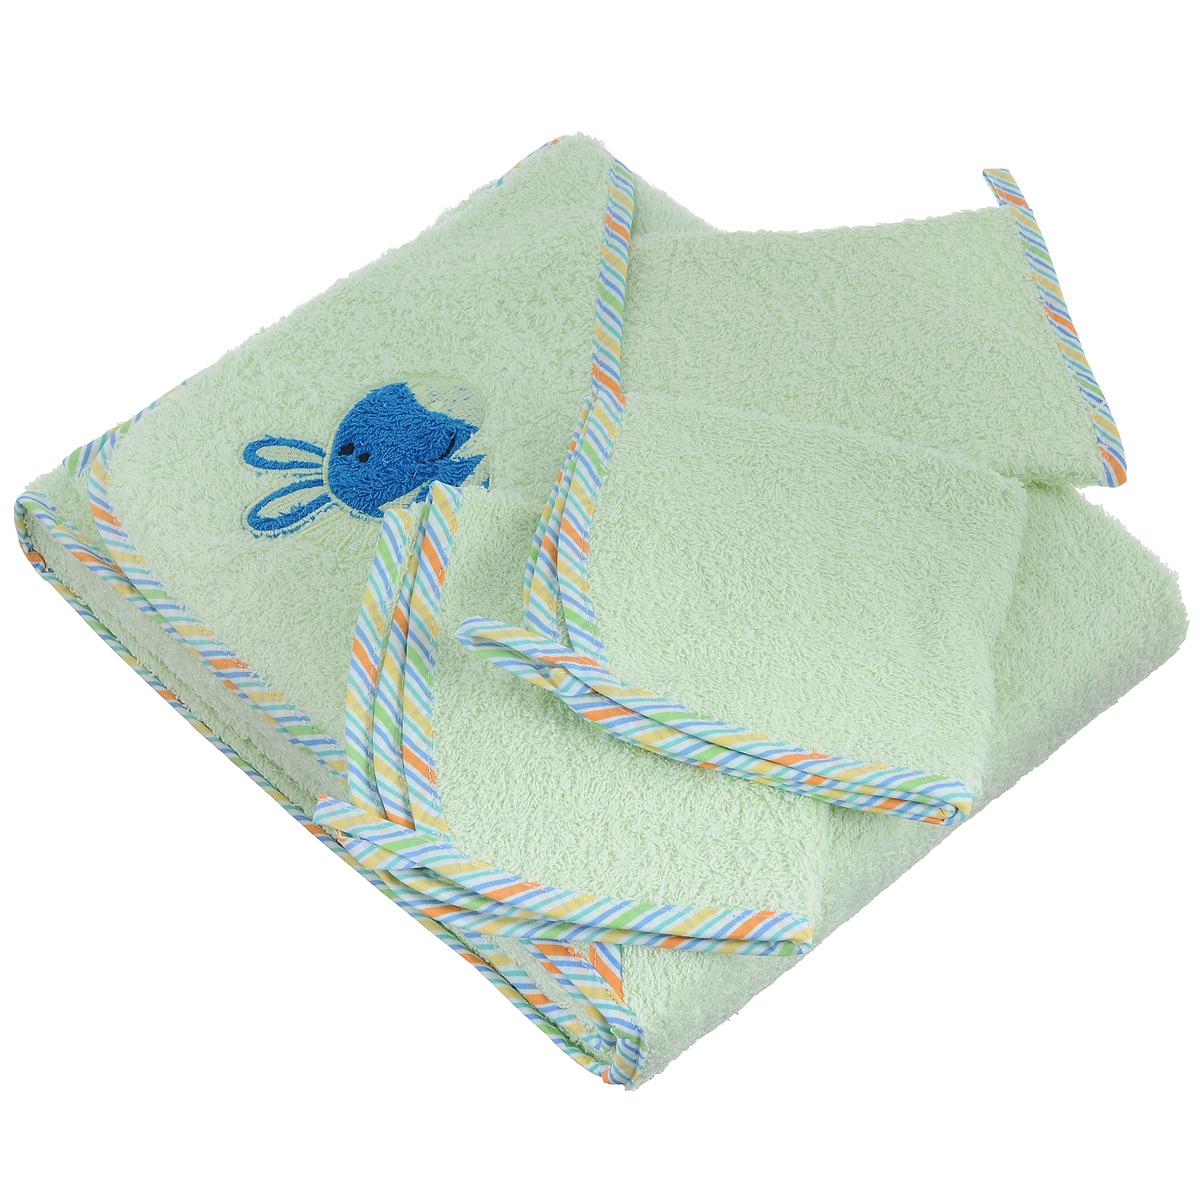 Комплект для купания Baby Nice, цвет: светло-зеленый, 4 предметаК32415Комплект для купания Baby Nice, состоящий из полотенца с капюшоном, двух салфеток и рукавицы для мытья, изготовлен из нежной, хорошо впитывающей влагу высококачественной махровой ткани (100% хлопка), обладающей легким массирующим эффектом и быстро сохнущей. Специальная обработка плотной махровой ткани придает ей особые впитывающие влагу свойства, а также необыкновенную мягкость и пушистость. Полотенце с капюшоном позволяет полностью завернуть малыша и защитить его от простуды, а при помощи рукавички вы сможете деликатно помыть ребенка, не поцарапав его. Такой комплект идеально подходит для ухода за ребенком после купания. Размер полотенца: 120 х 120 см. Размер салфетки: 30 х 30 см. Размер рукавицы: 22 х 14 см.